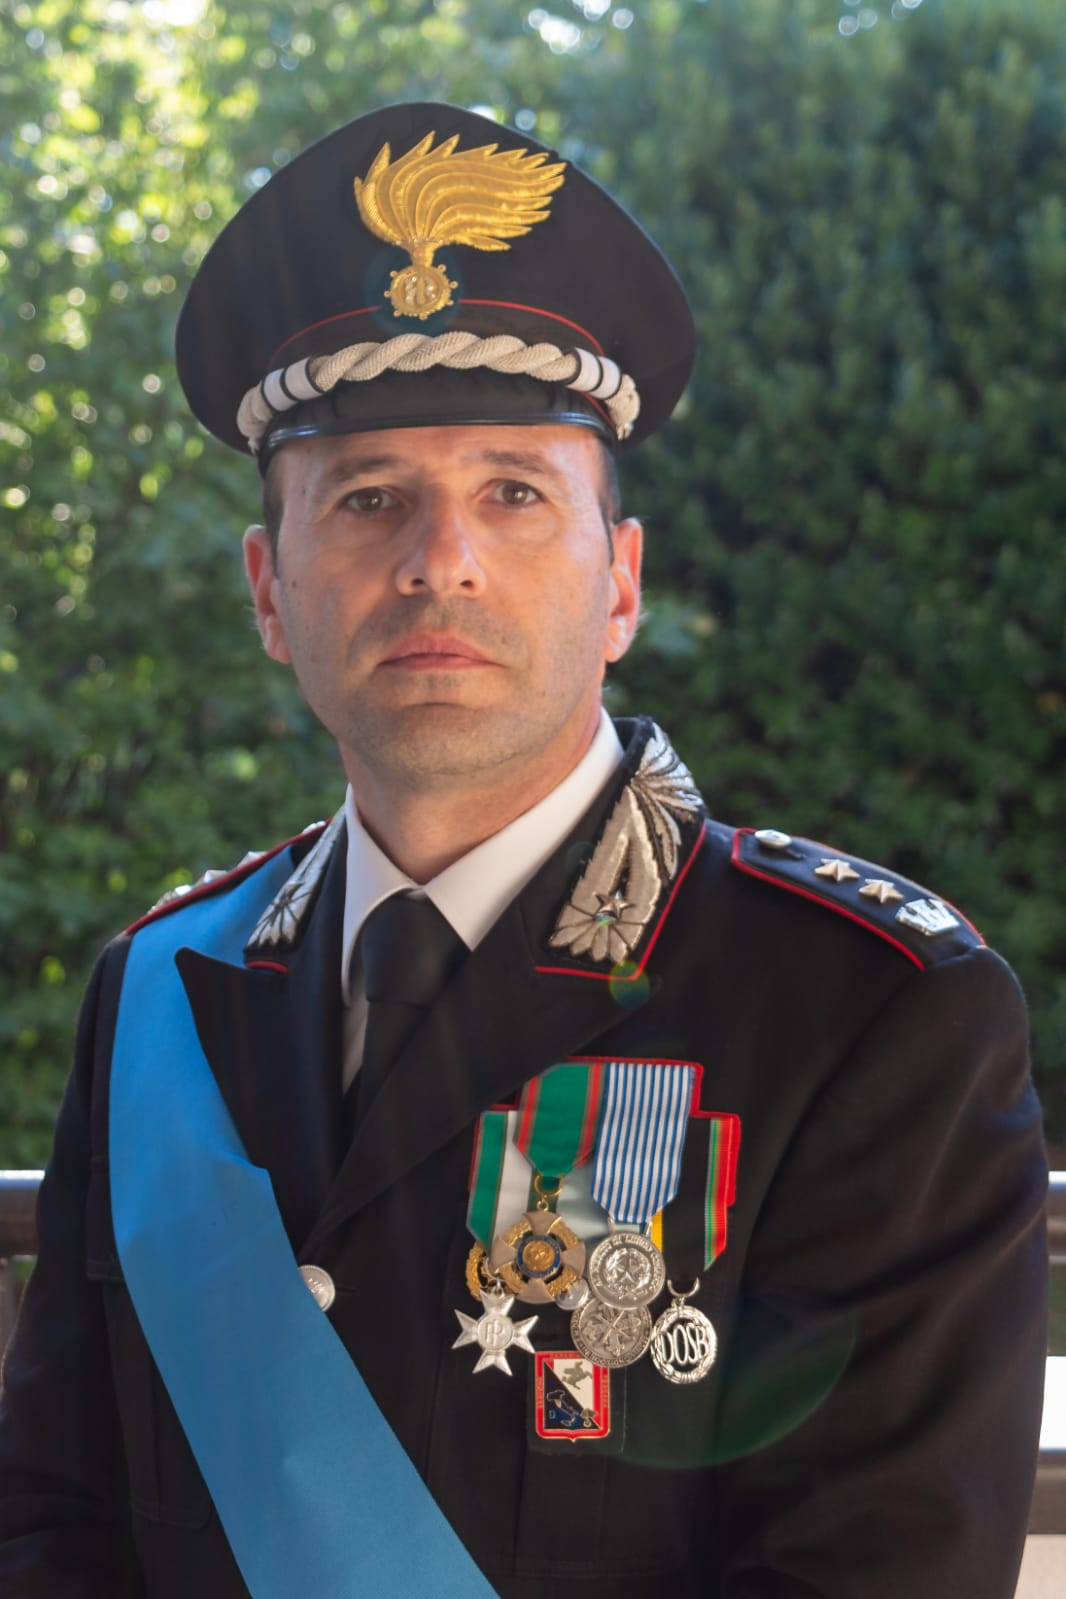 Il Comandante del Nucleo Investigativo Carabinieri di Pistoia, Vincenzo Bulla, promosso Tenente Colonnello